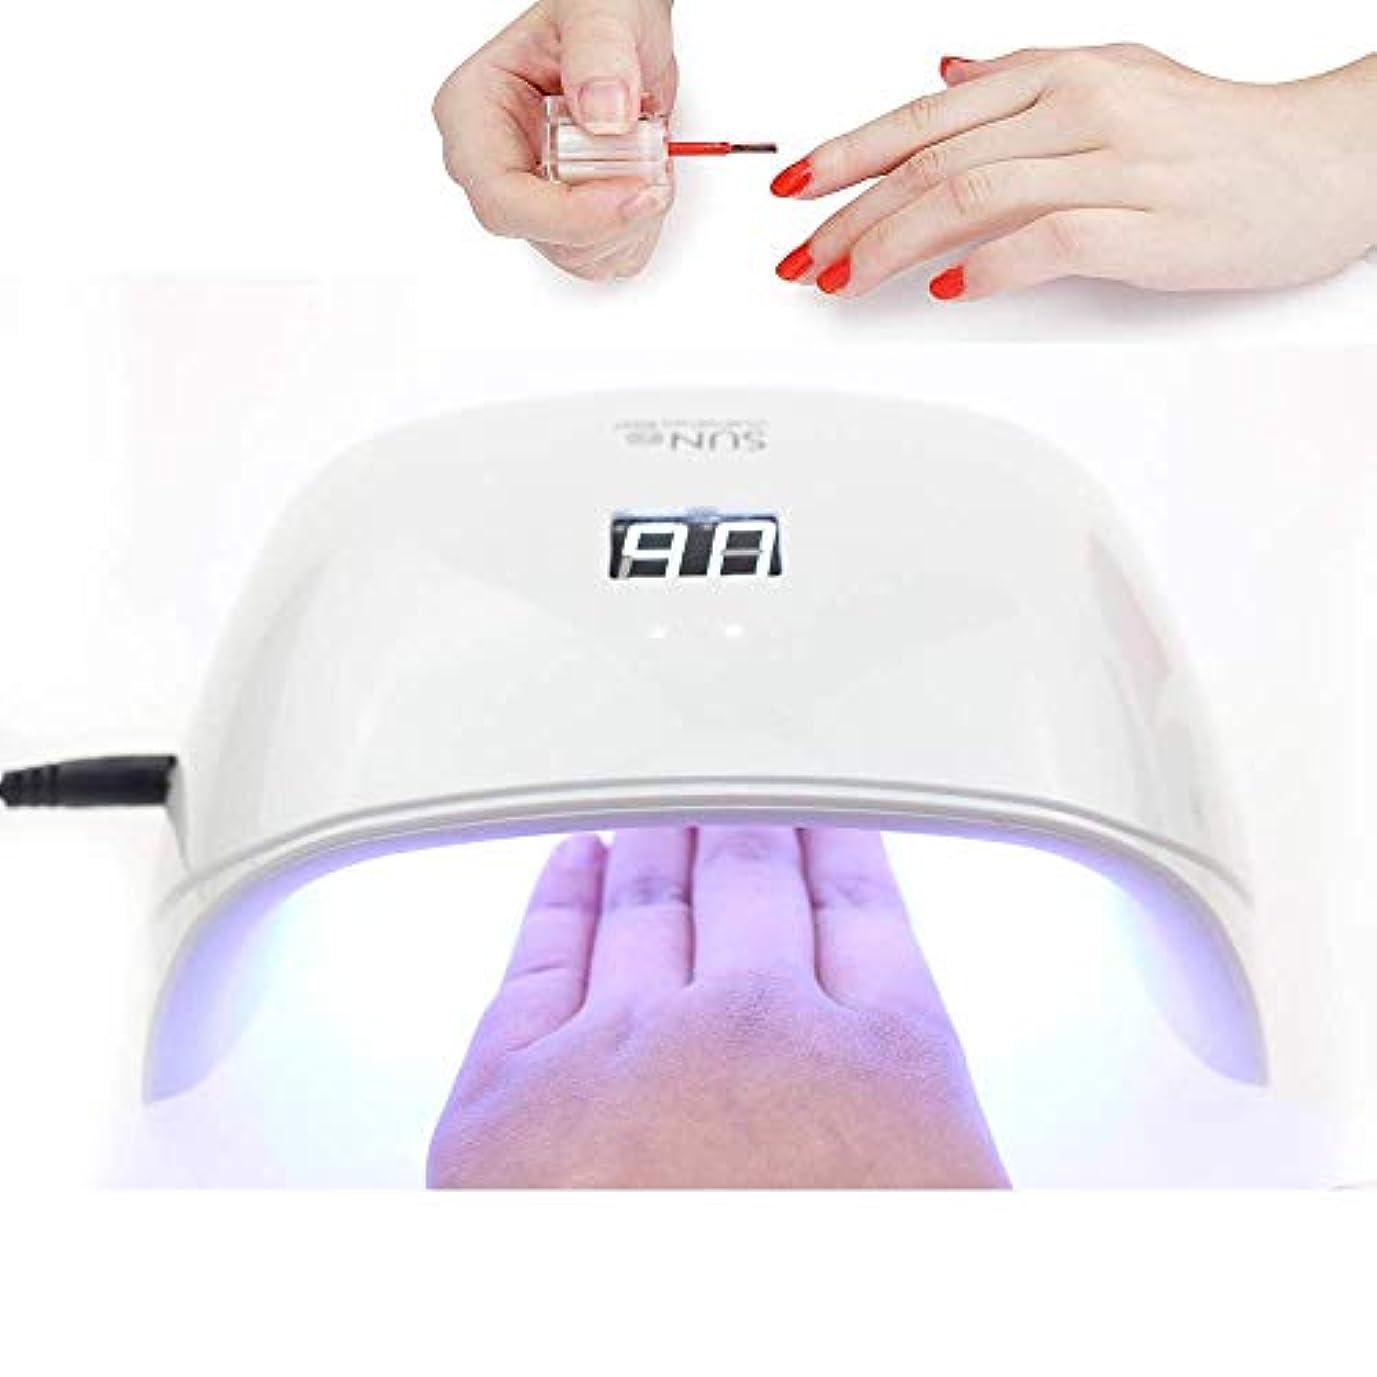 宝苦い航空ネイル用ランプジェルポリッシュランプ18W LED自動センサーネイルライトネイル硬化ジェルUV LEDランプ付きタイマーデバイス、ホワイト